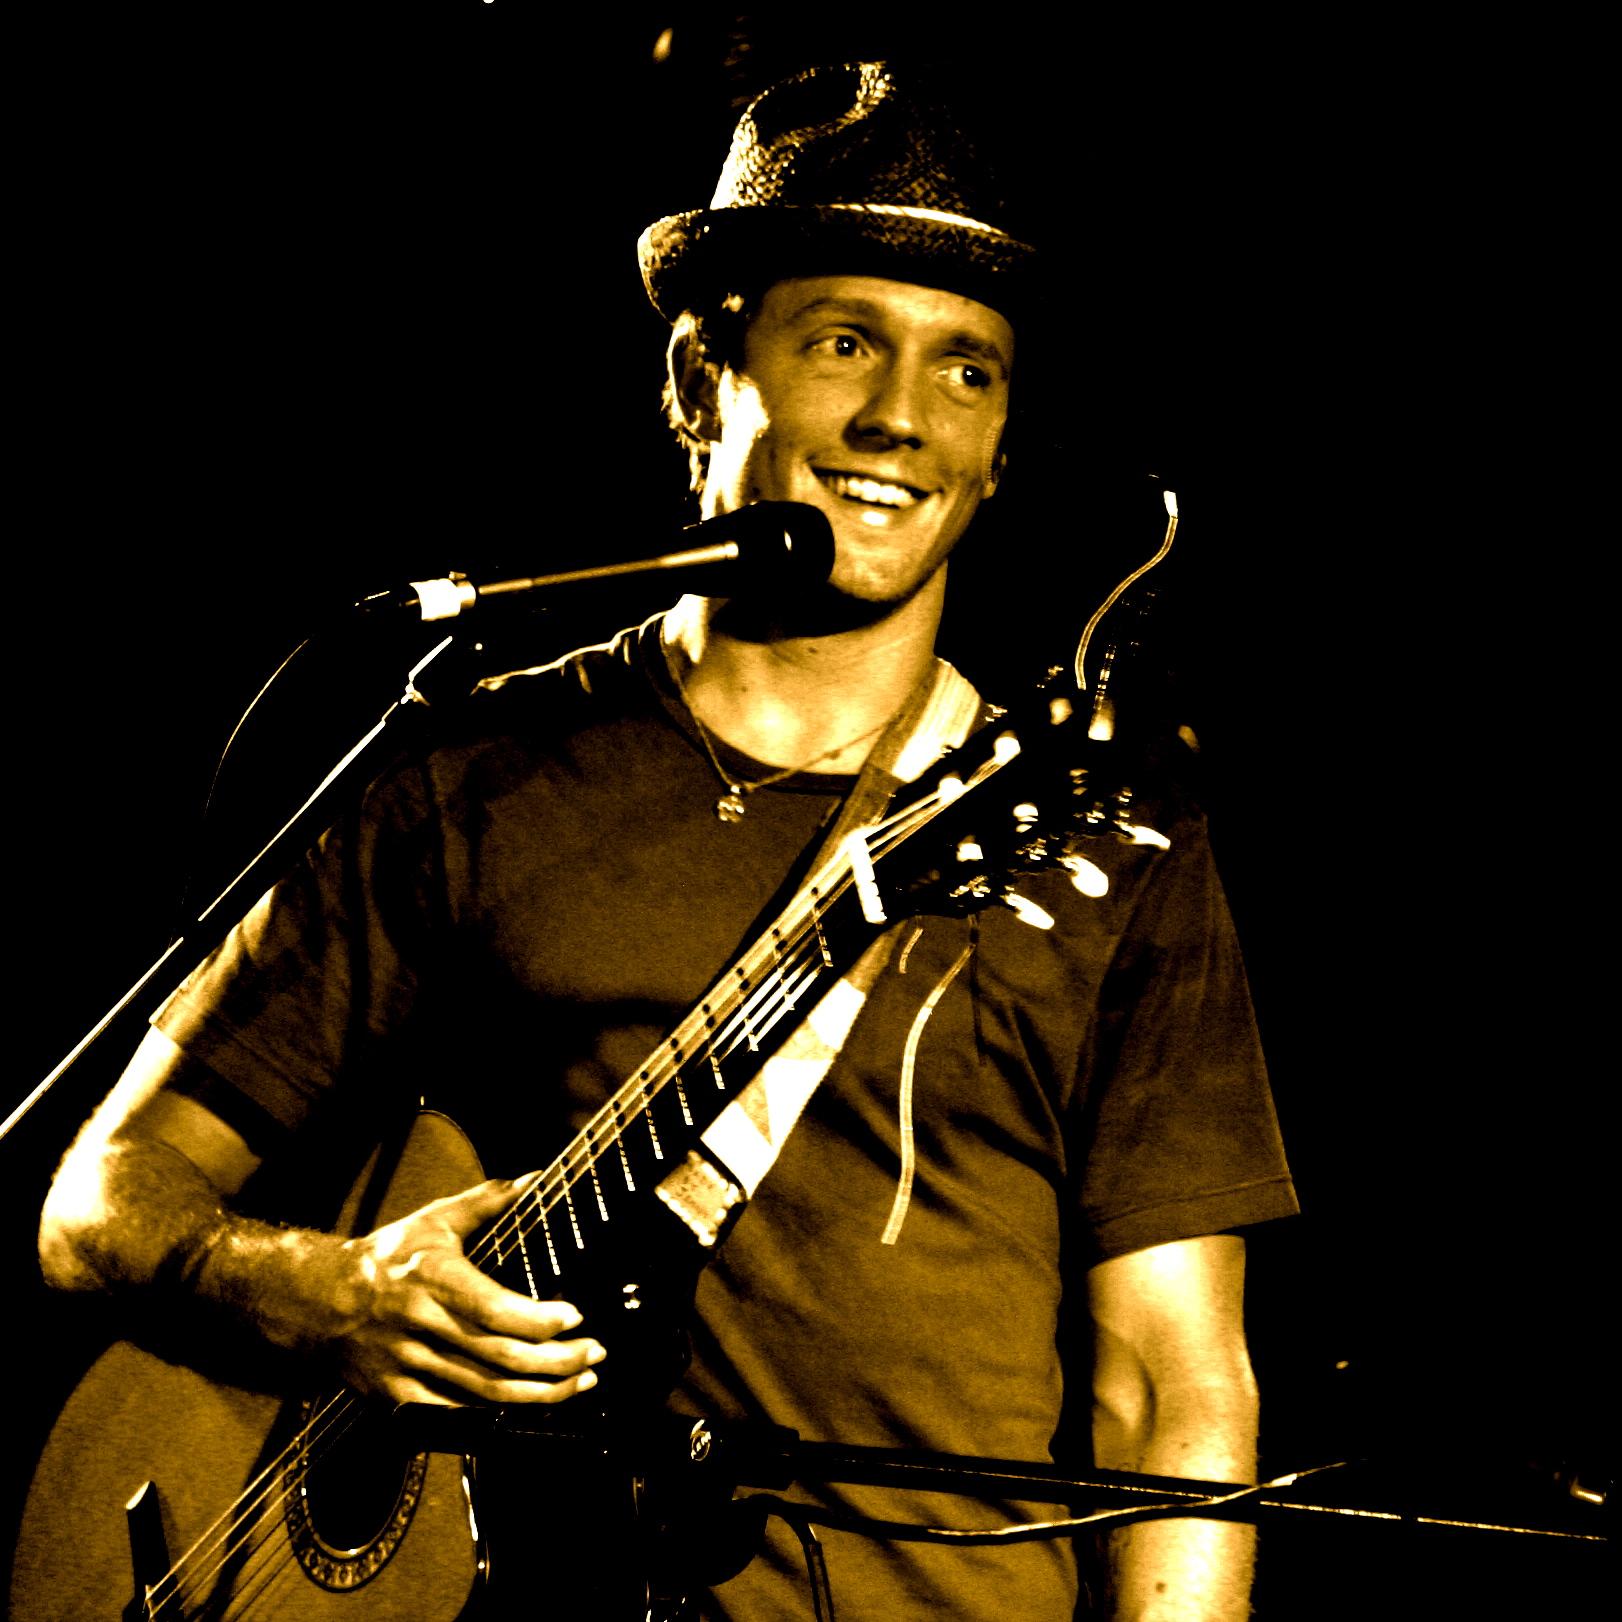 File:Jason Mraz en concert.jpg - Wikimedia Commons